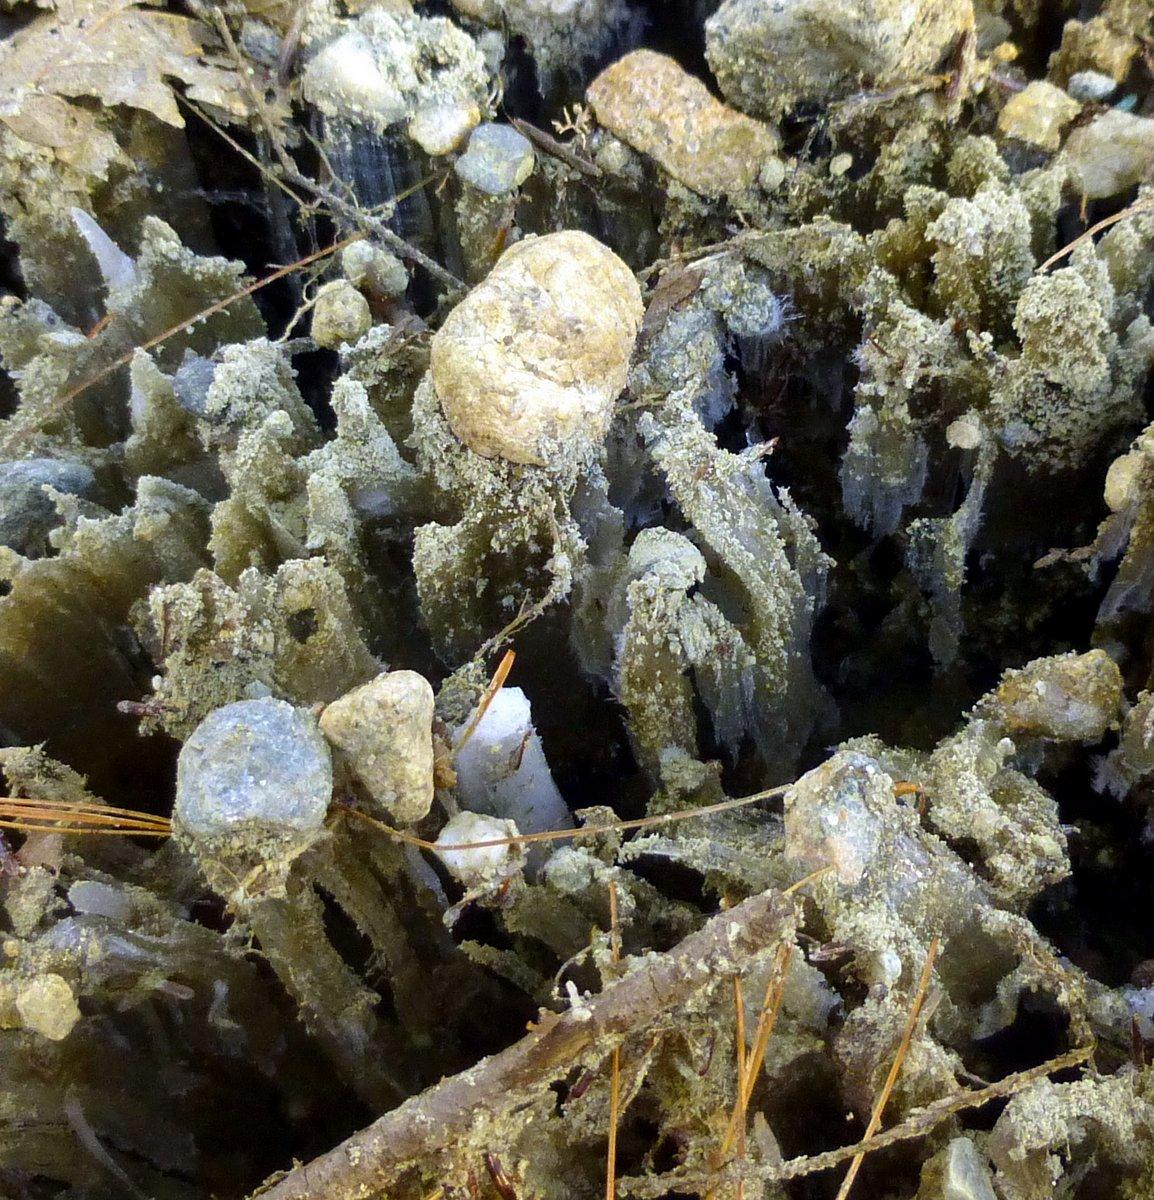 4. Ice Pillars